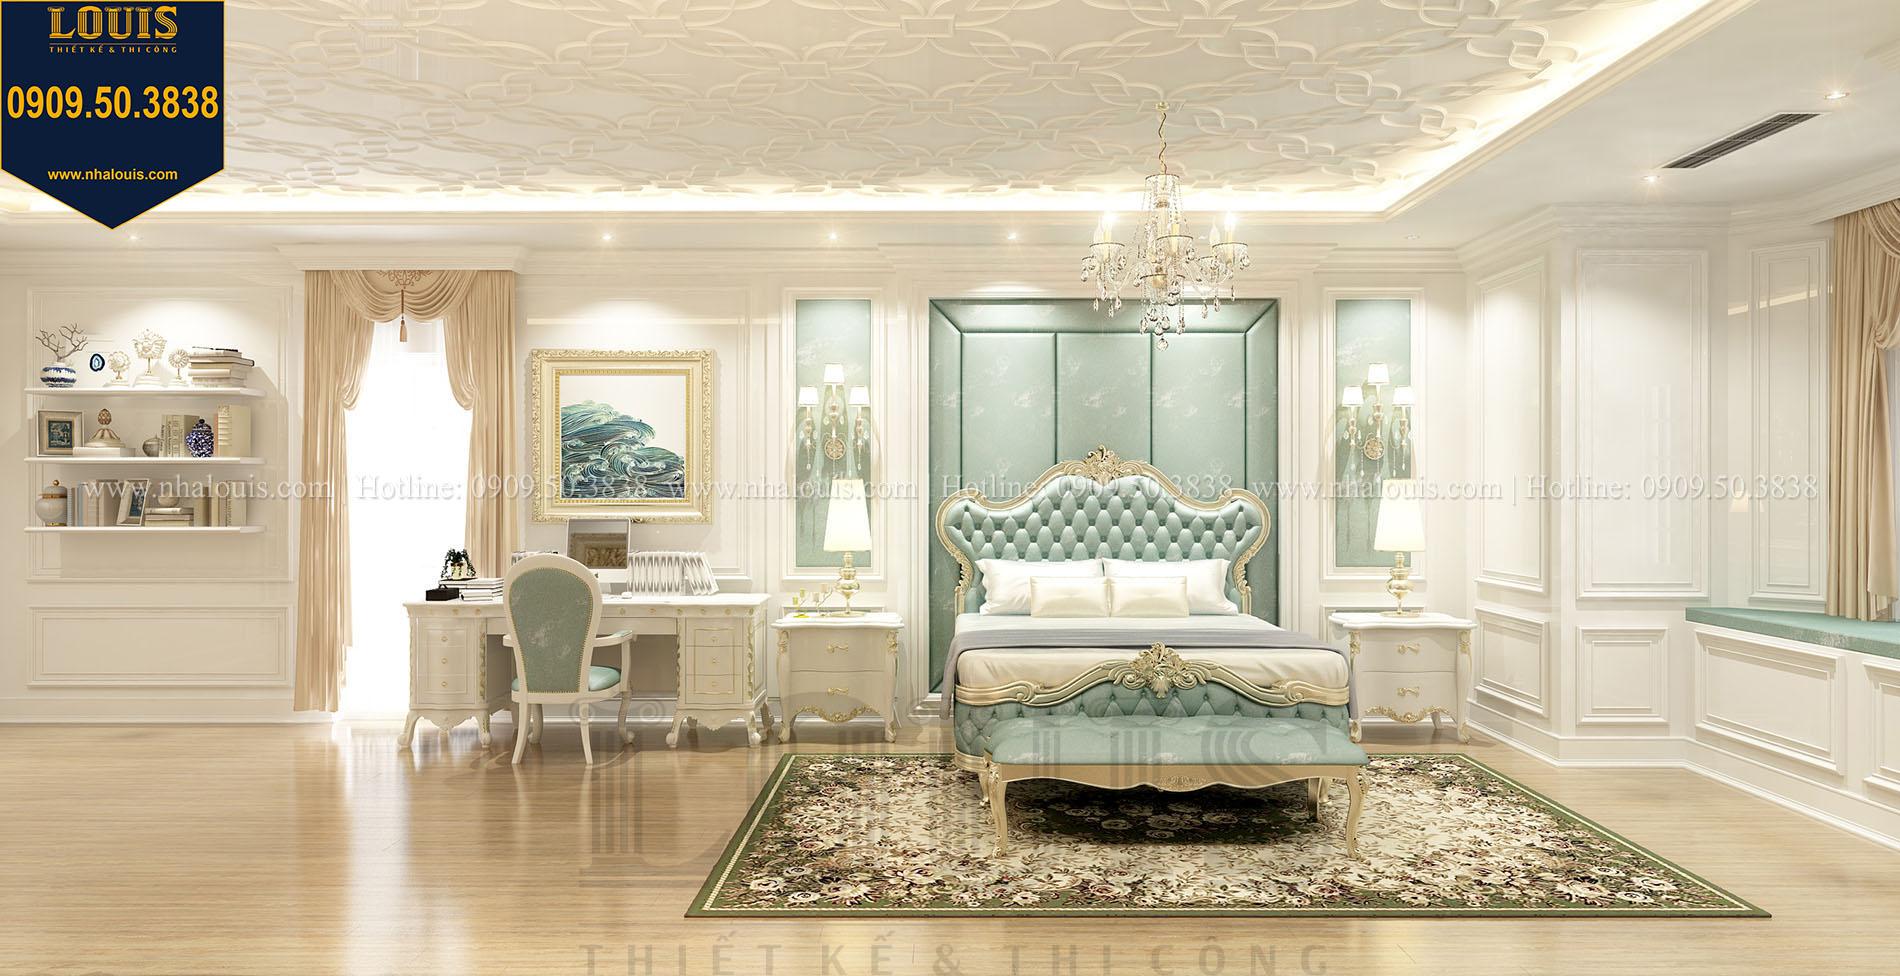 Phòng ngủ con trai Biệt thự Châu Âu cổ điển chuẩn sang chảnh tại Nhà Bè - 017